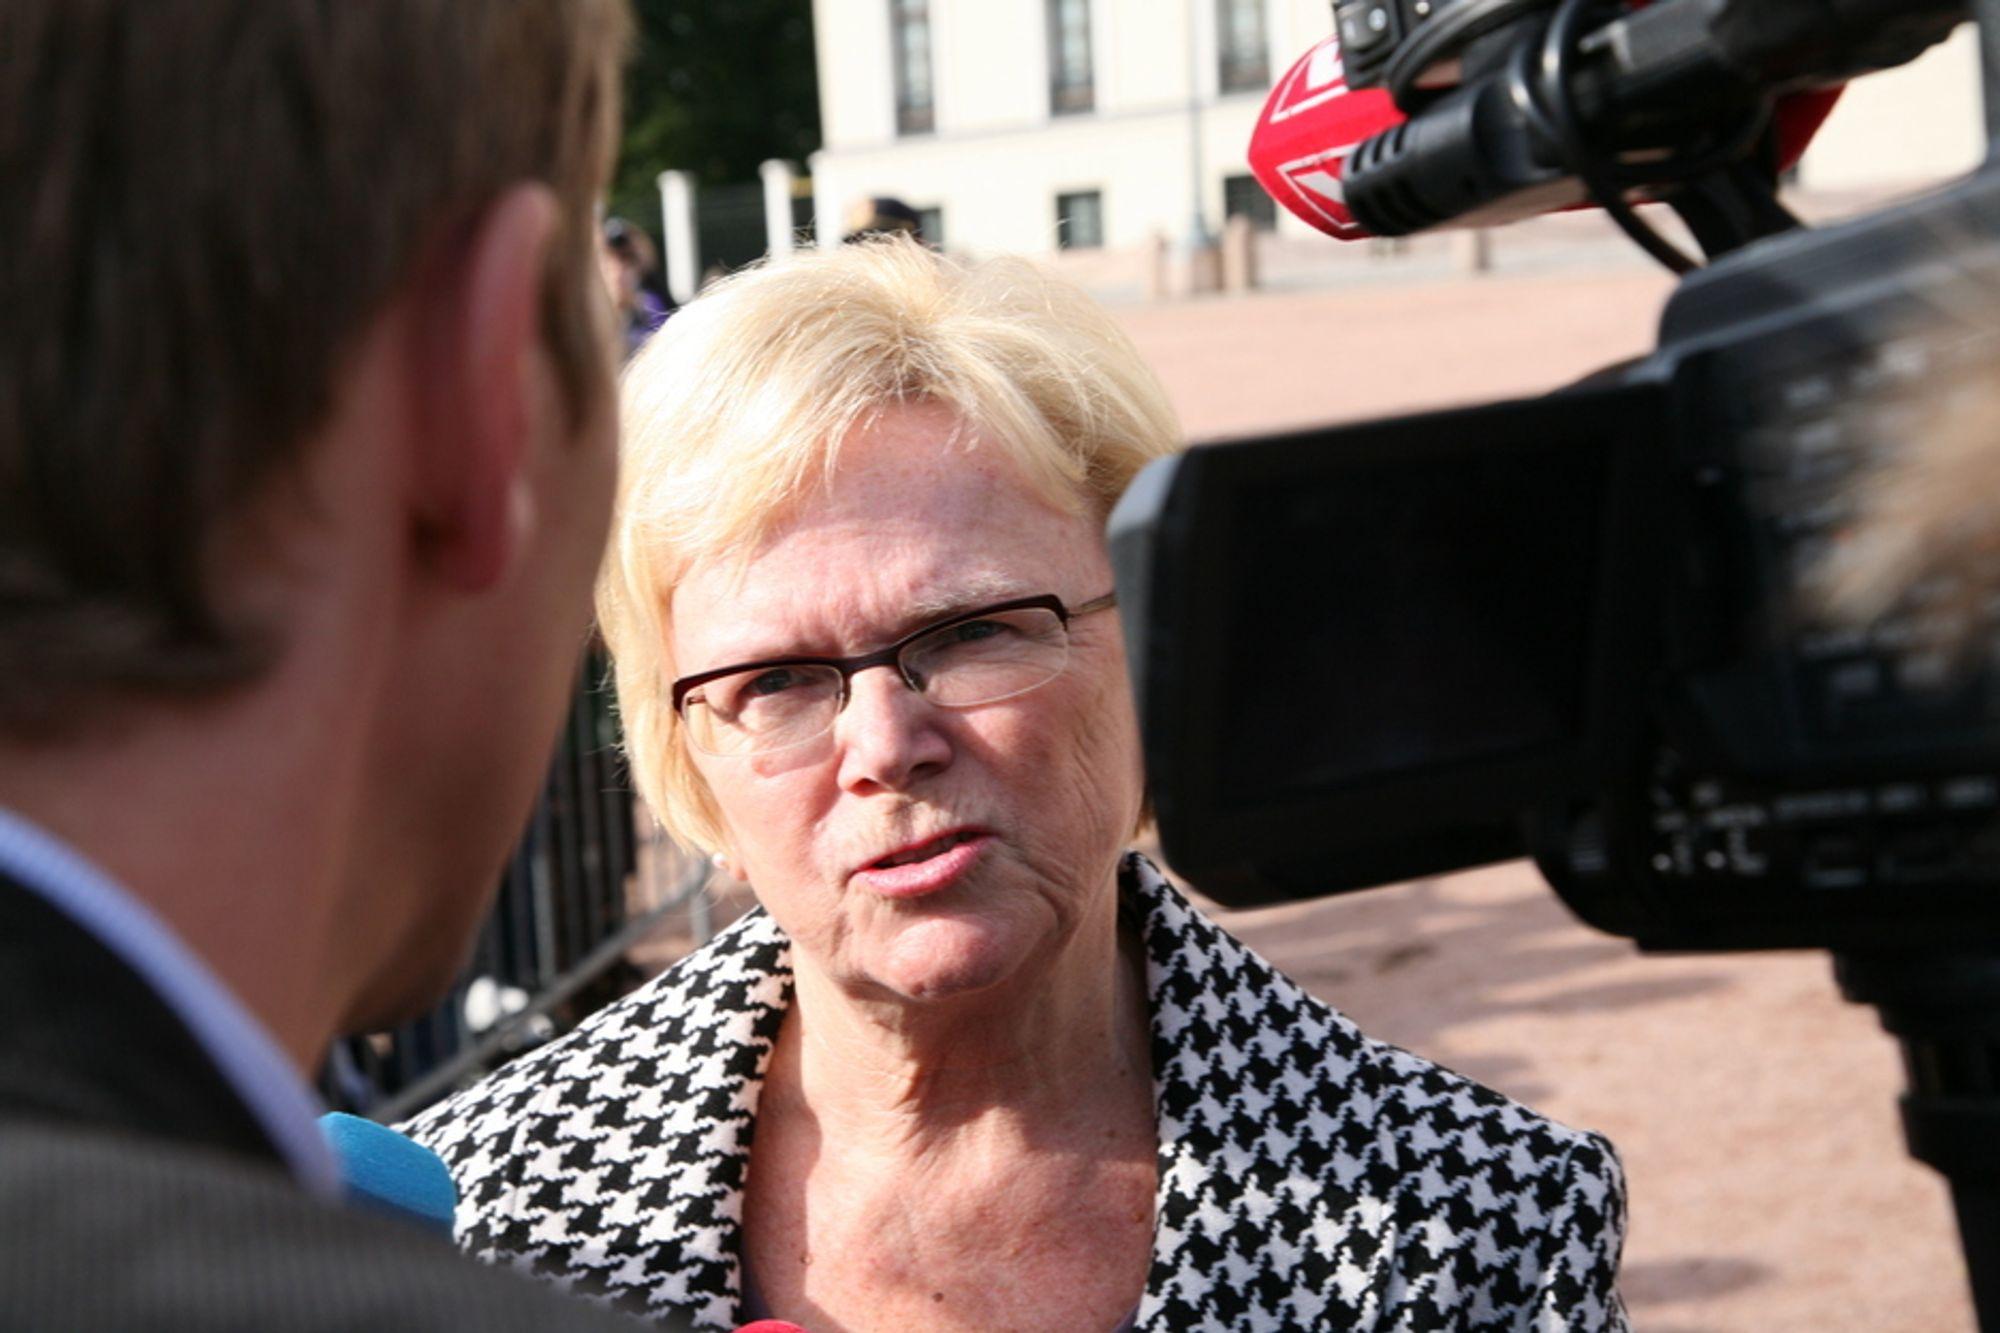 LEGGER IKKE NED: Vår nye samferdselsminister Magnhild Meltveit Kleppa sier at hun ikke kan garantere at ingen stasjoner blir lagt ned, men at 64 stasjoner er altfor mange.